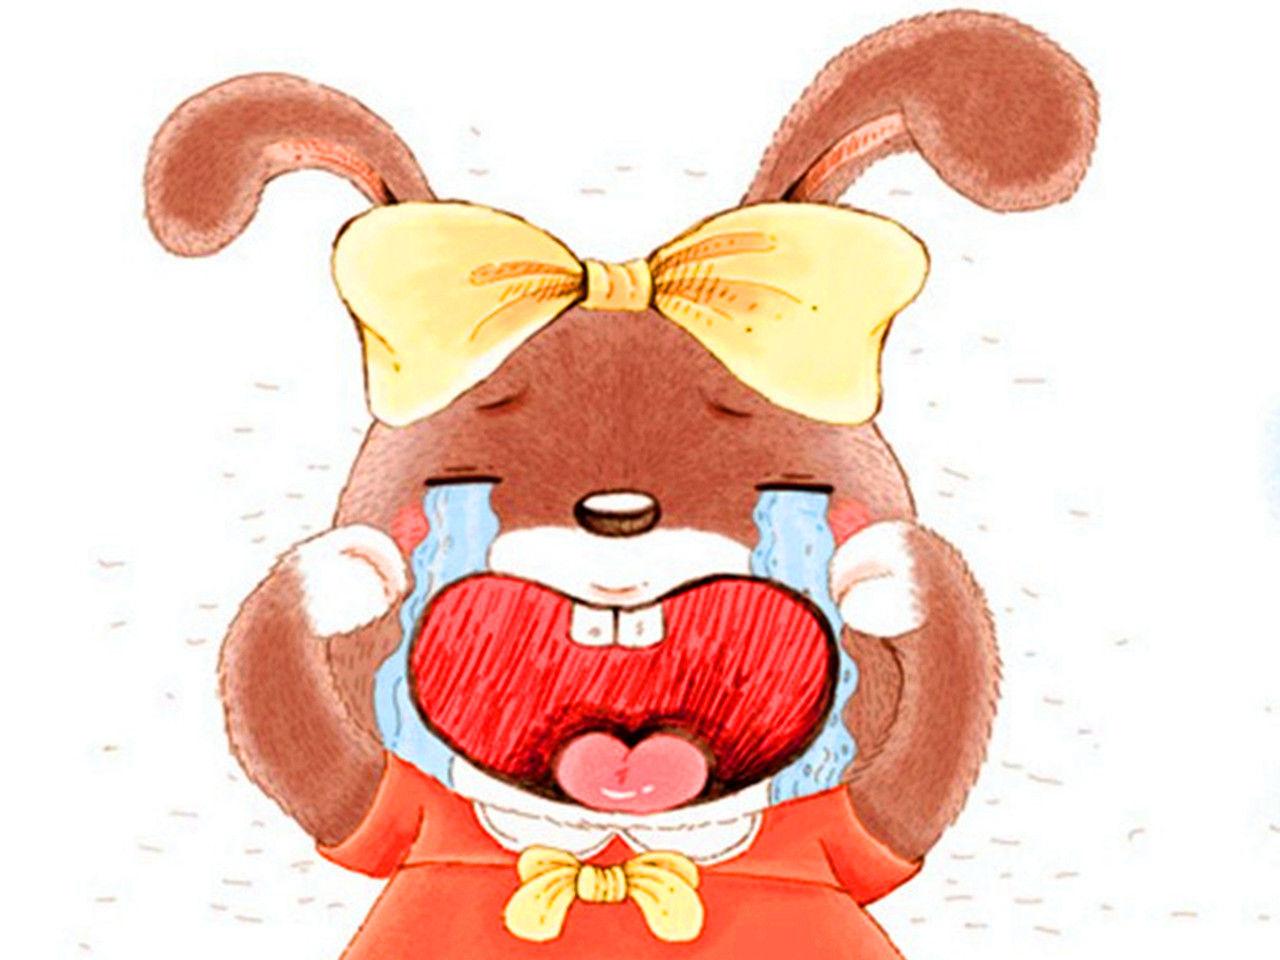 打印材料:小兔,小松鼠,小猴,小花猫,小狗的头饰各一个.图片